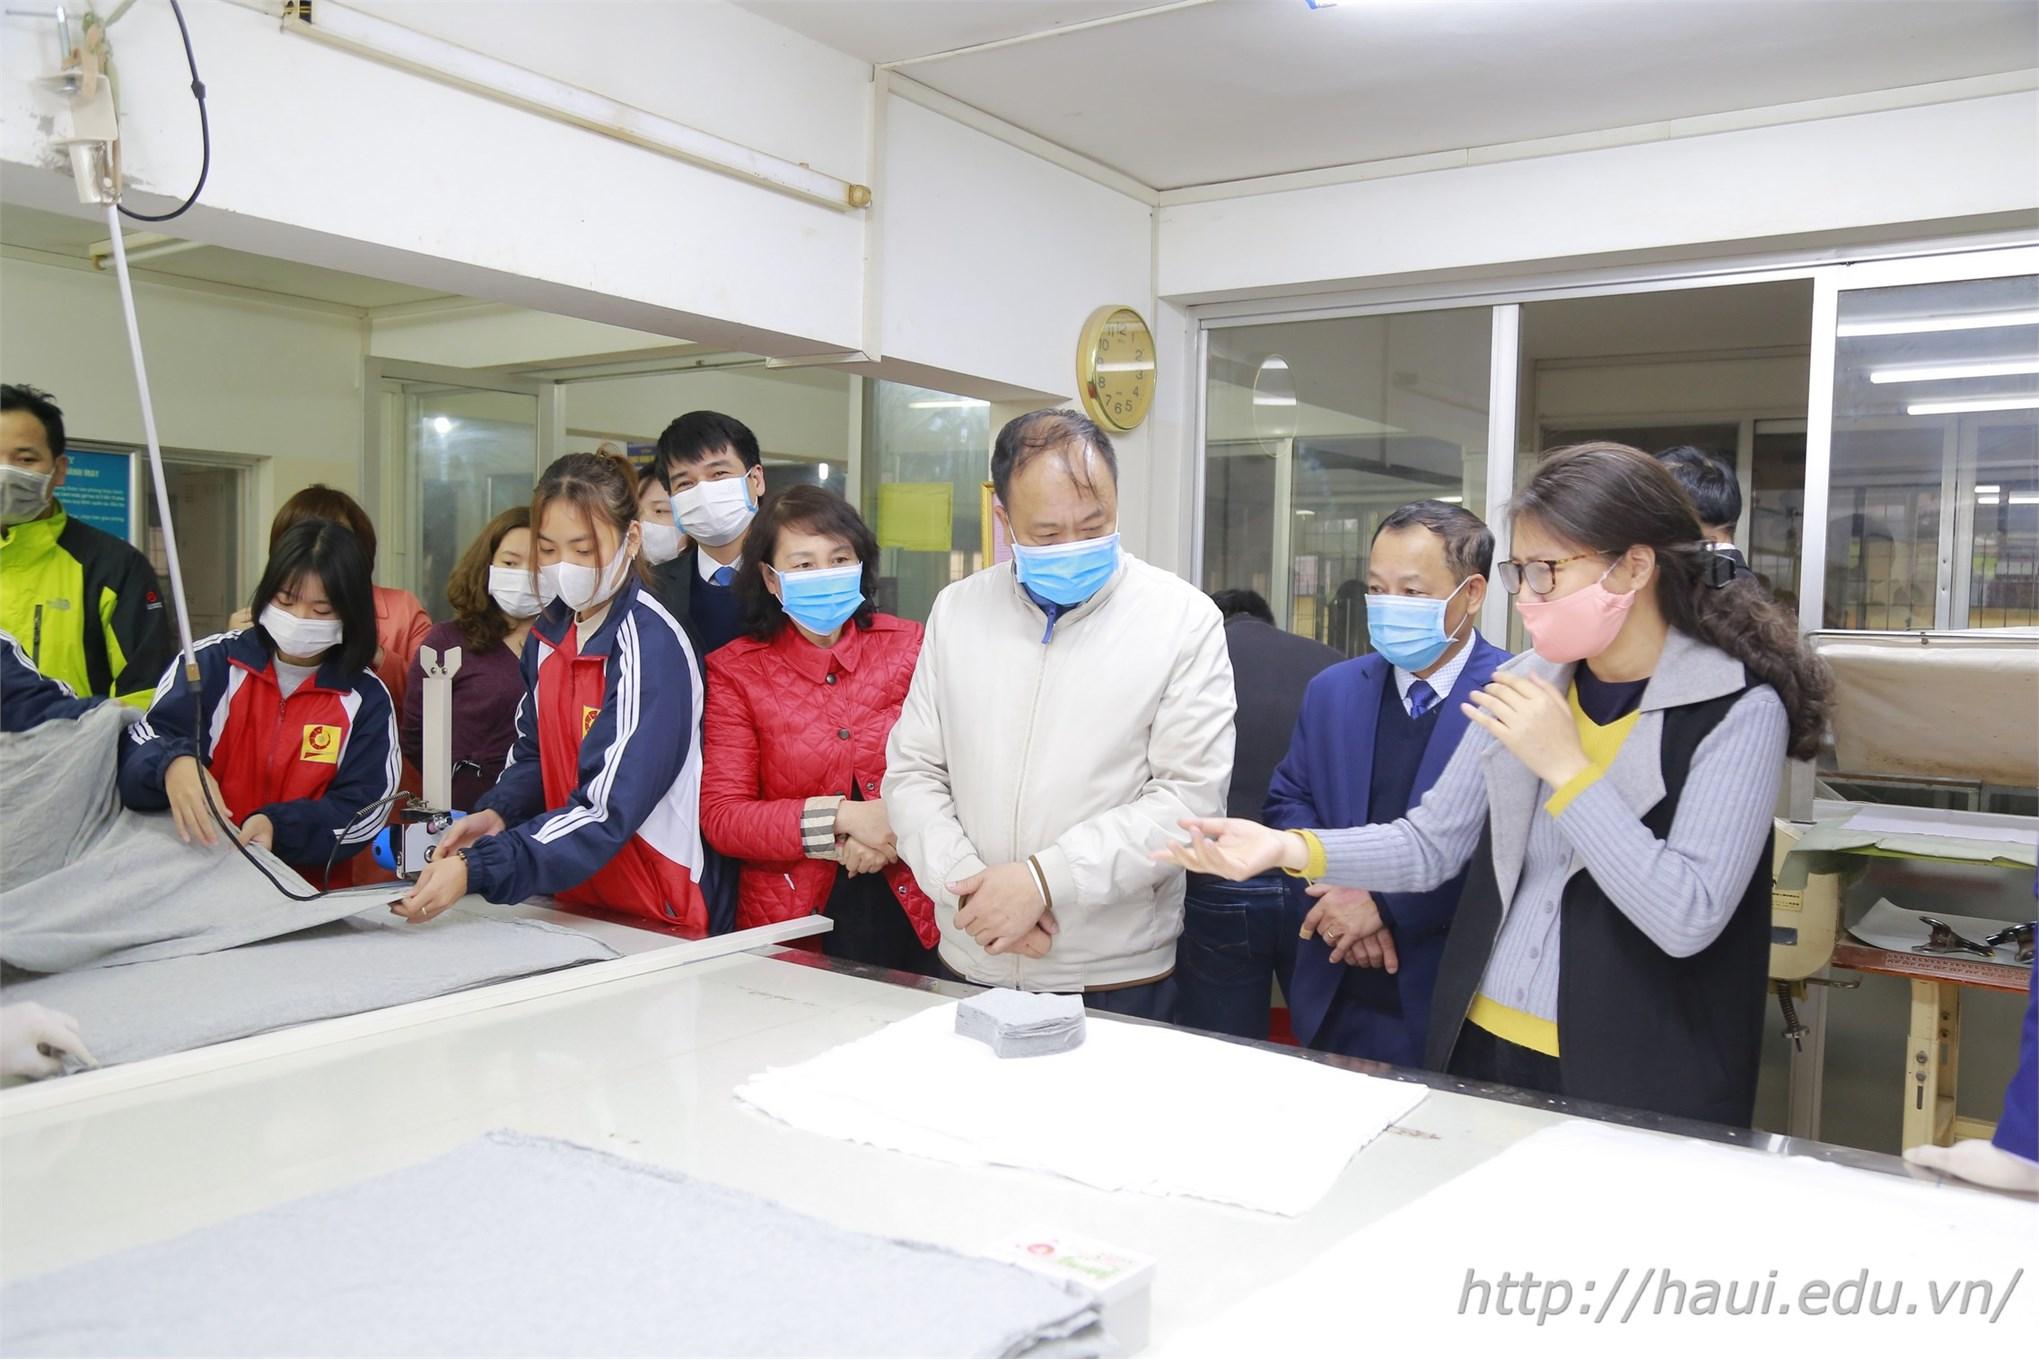 PGS.TS.Nguyễn Thị Lệ - Trưởng Khoa CN May và TKTT giới thiệu quy trình sản xuất khẩu trang tại Khoa